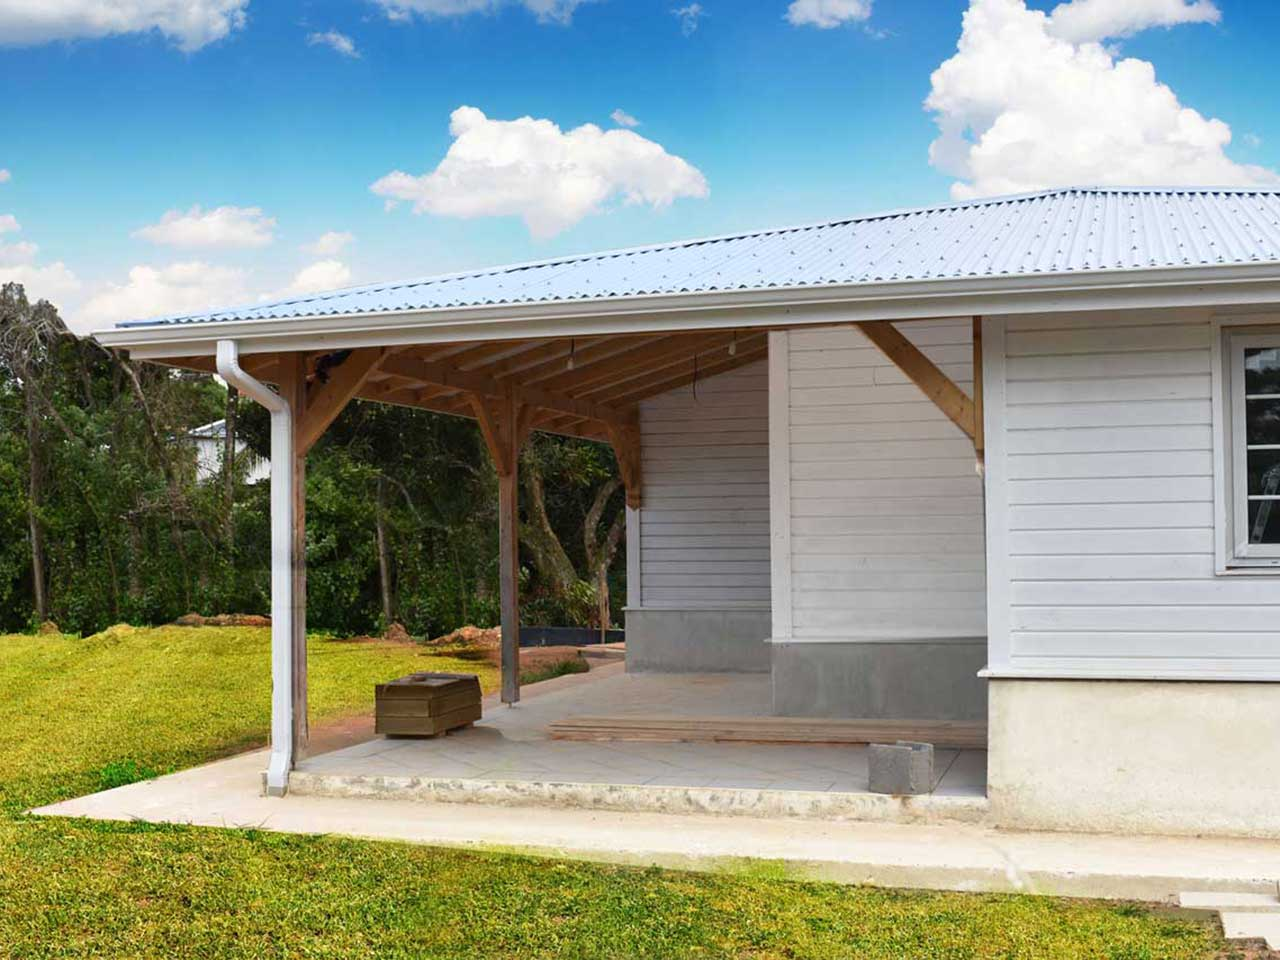 Nos r alisations maison en bois maison bois eco - Maison bois eco ...